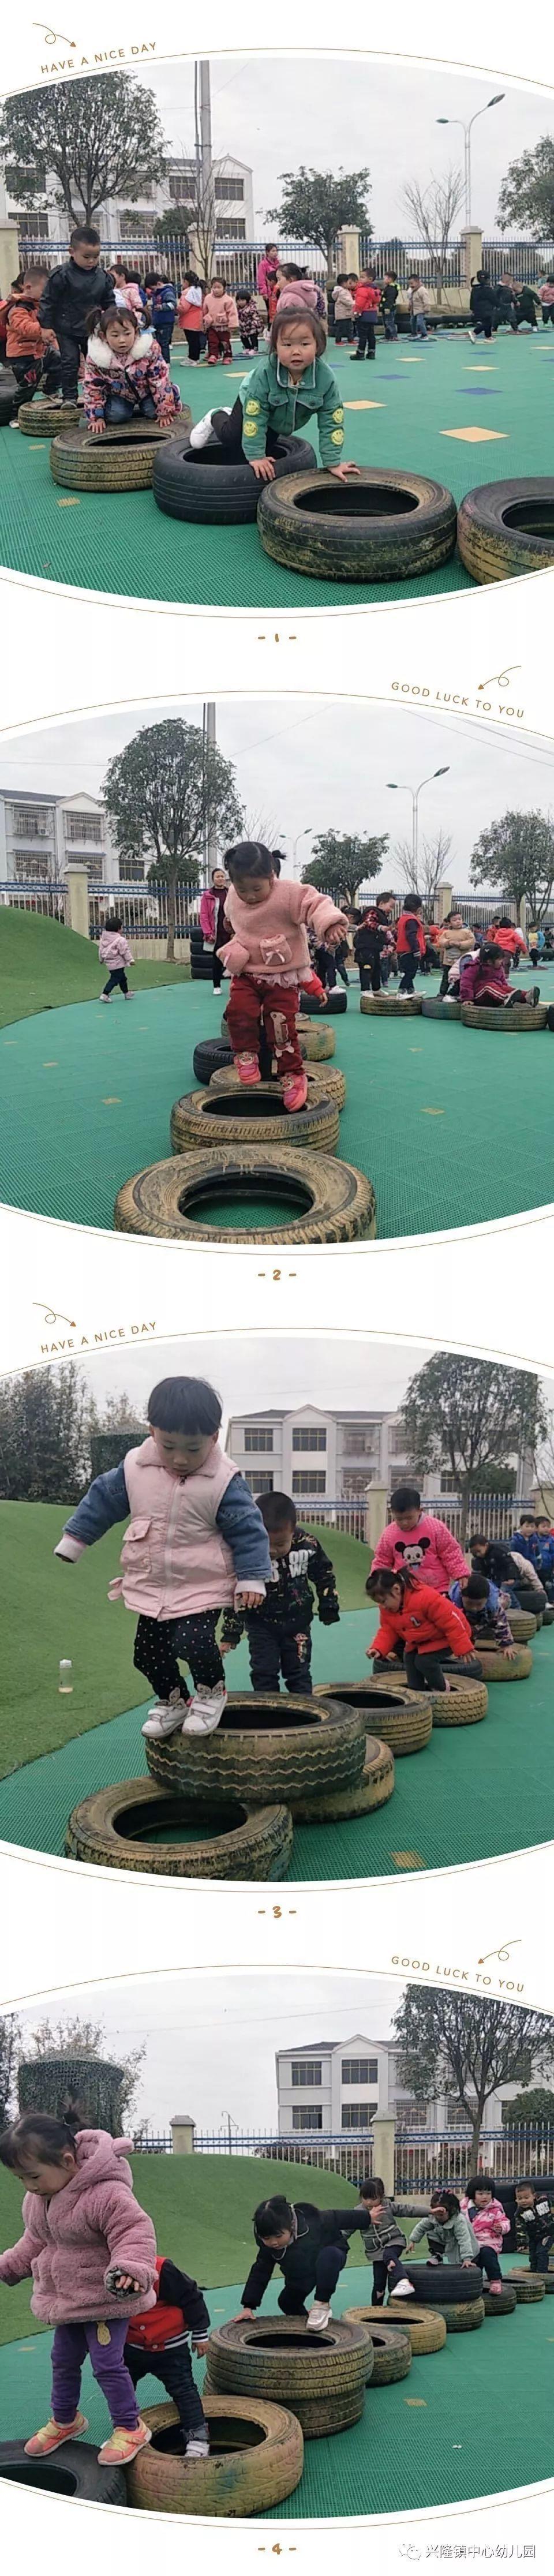 幼儿园户外体能大循环教案图片